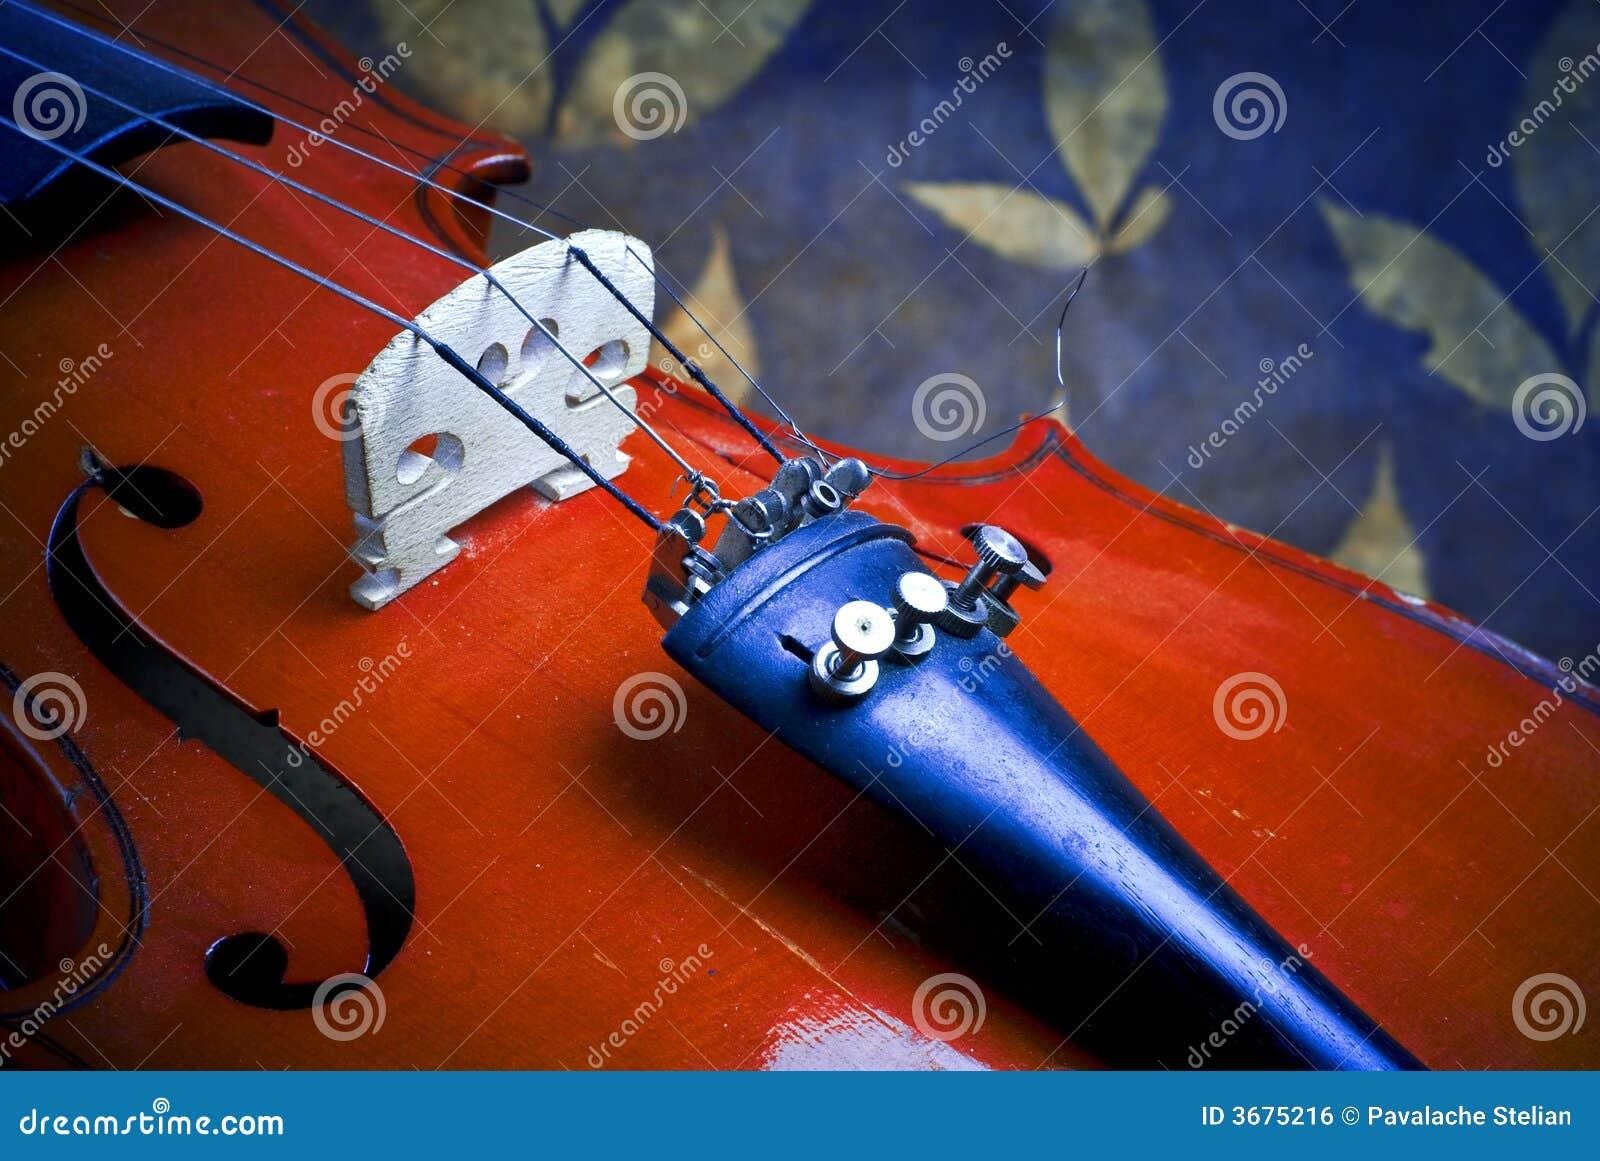 Download Particolari del violino fotografia stock. Immagine di wooden - 3675216